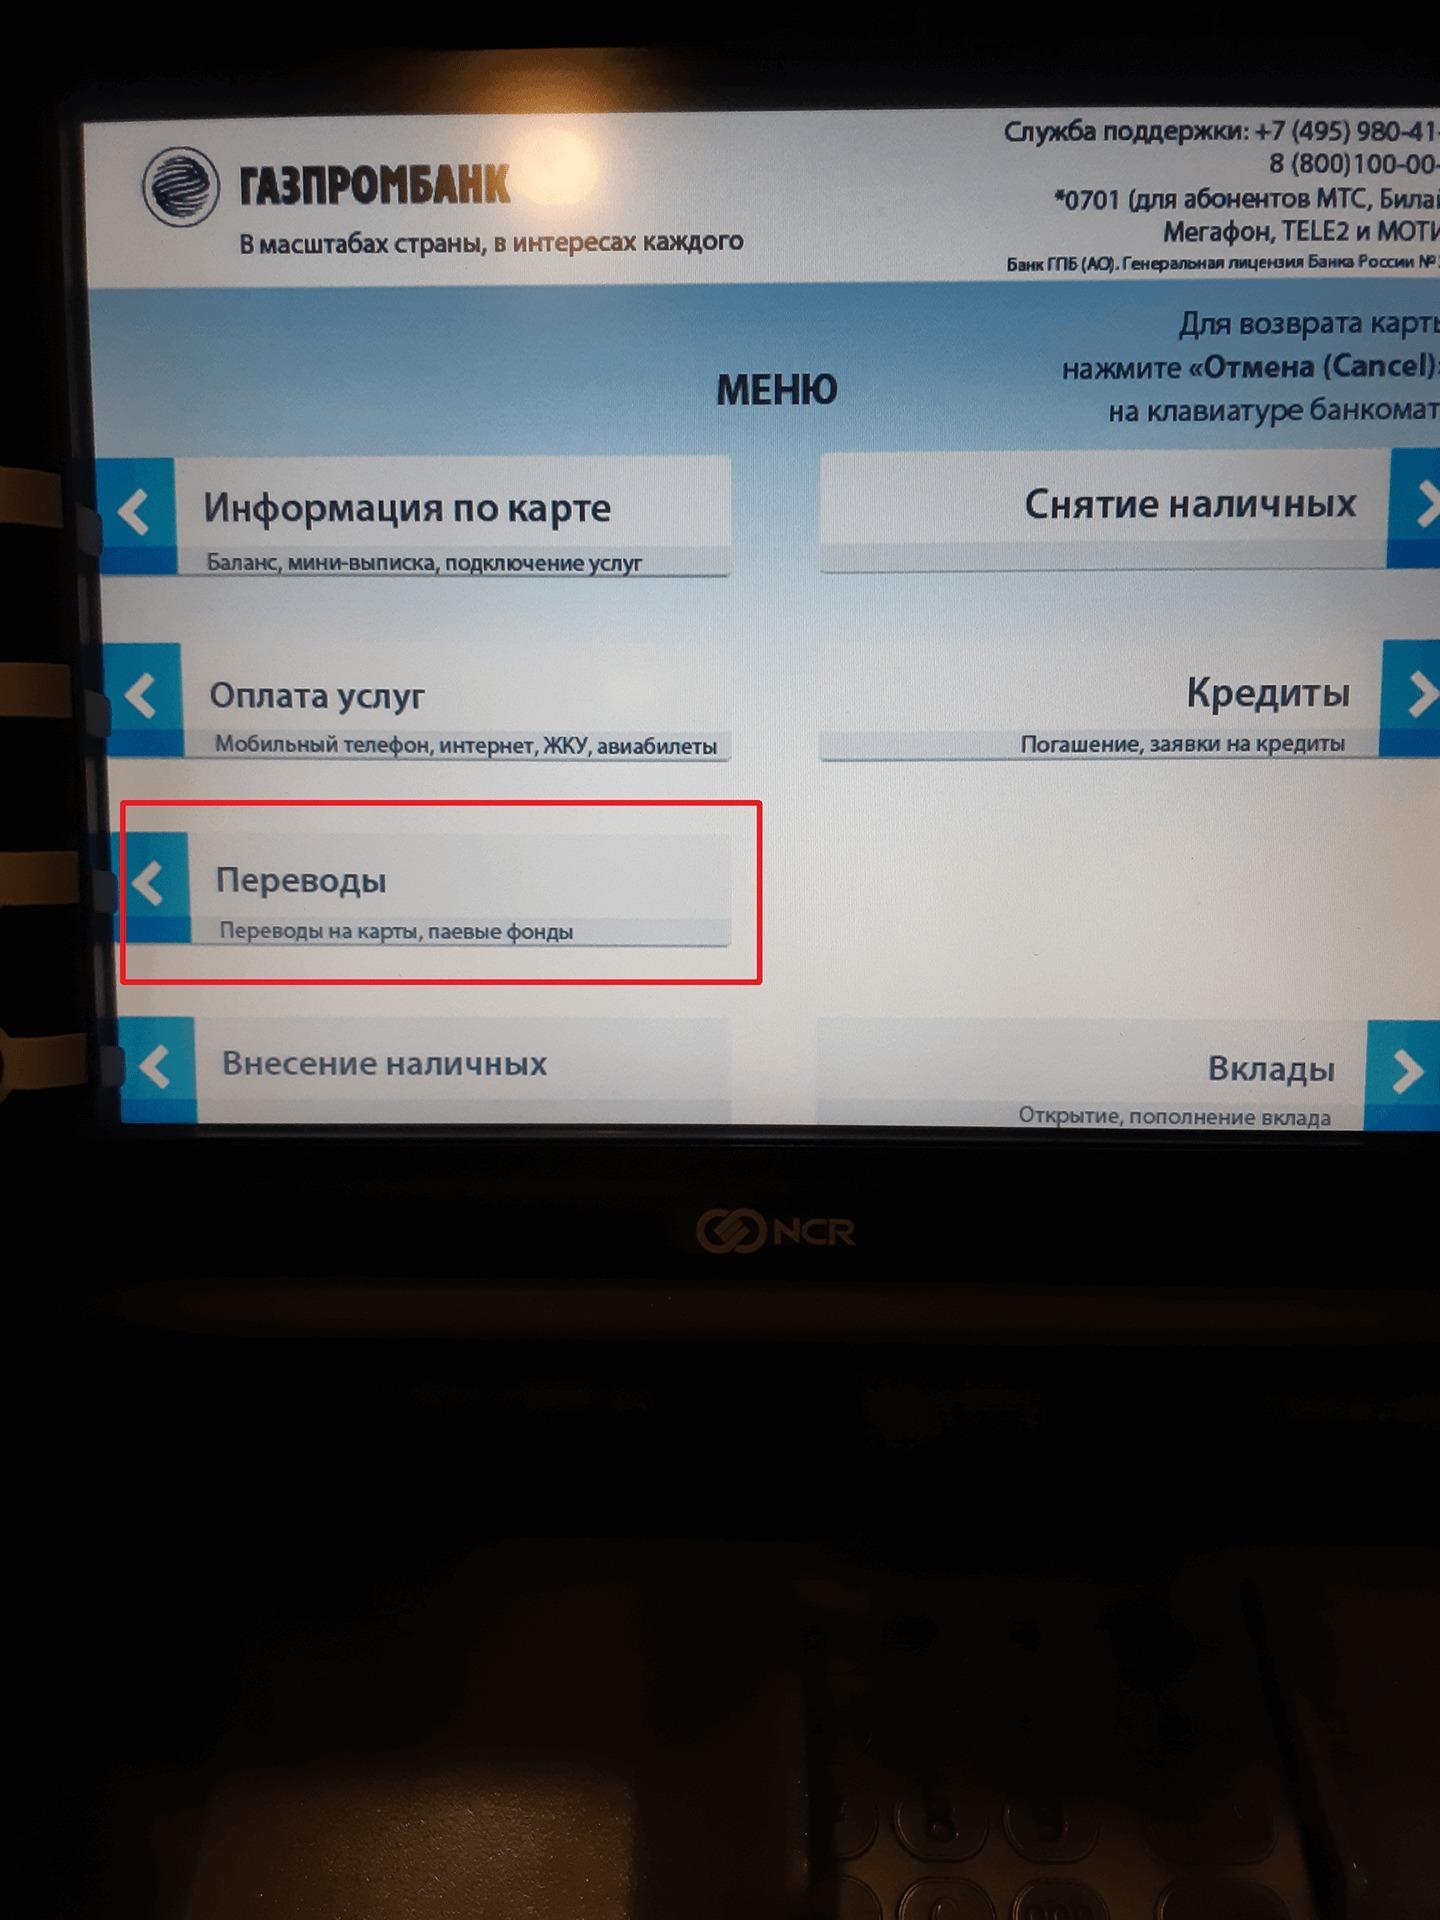 Перевод на карту ГПБ через банкомат шаг 3.1